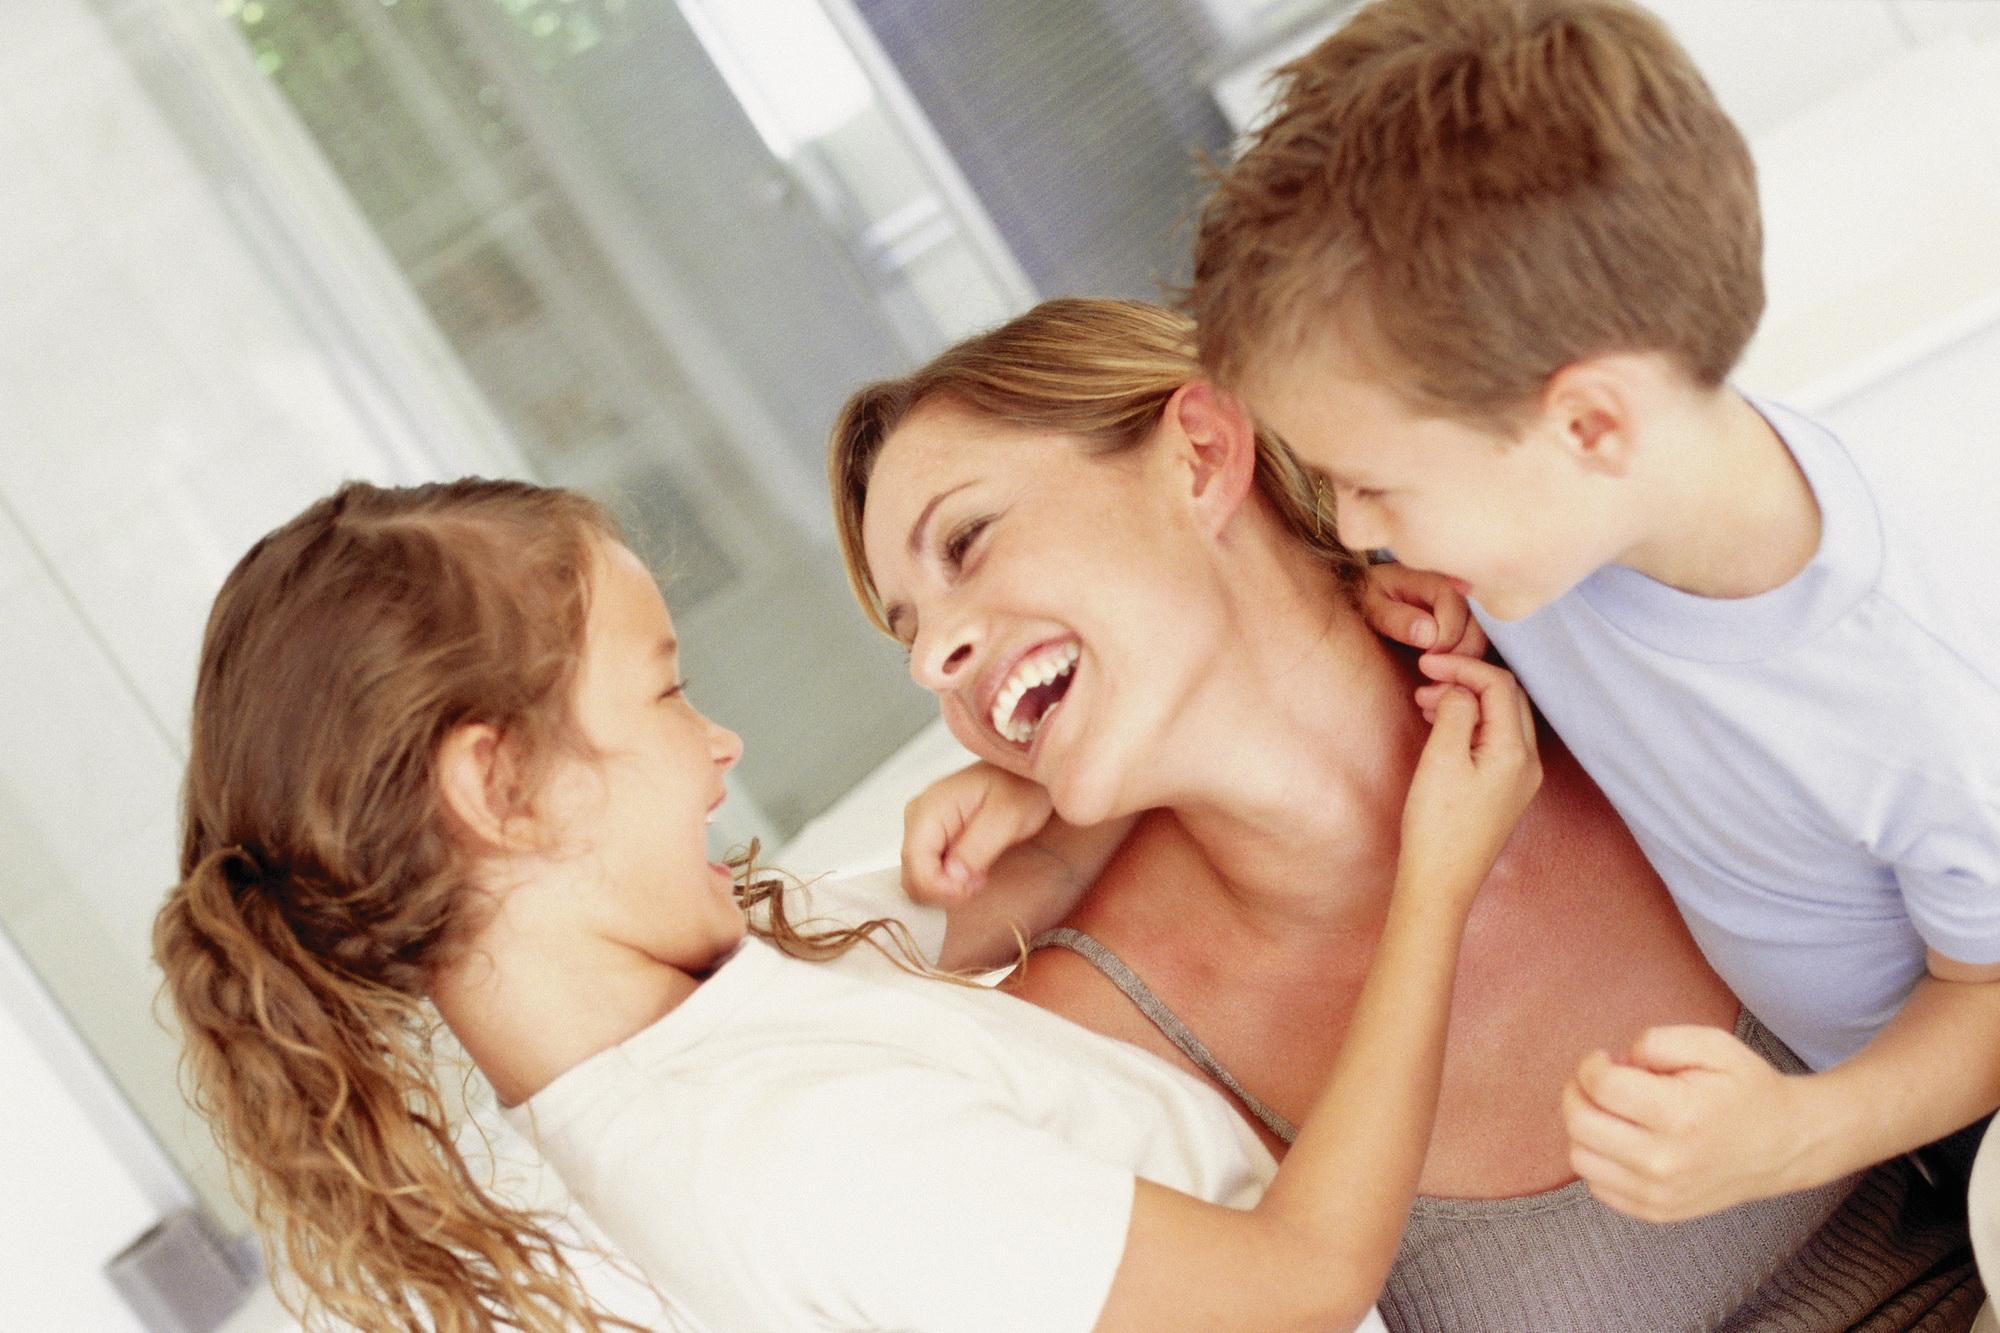 Педикулез: лечение и профилактика в домашних условиях